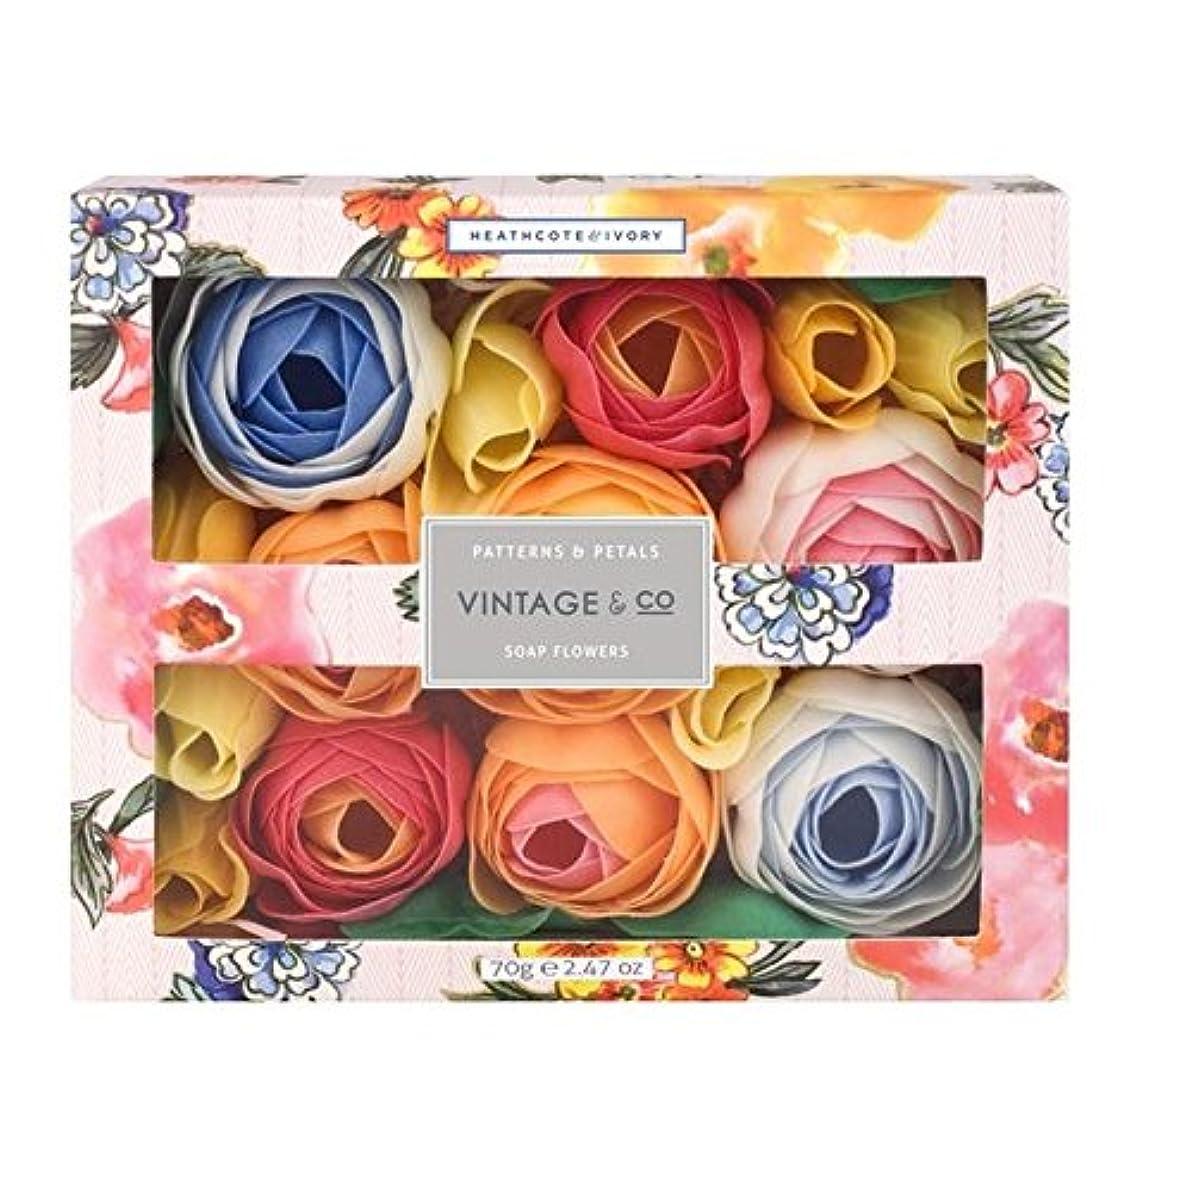 フレームワークシャンパンたるみHeathcote & Ivory Patterns & Petals Soap Flowers 70g - ヒースコート&アイボリーパターン&花びら石鹸の花70グラム [並行輸入品]